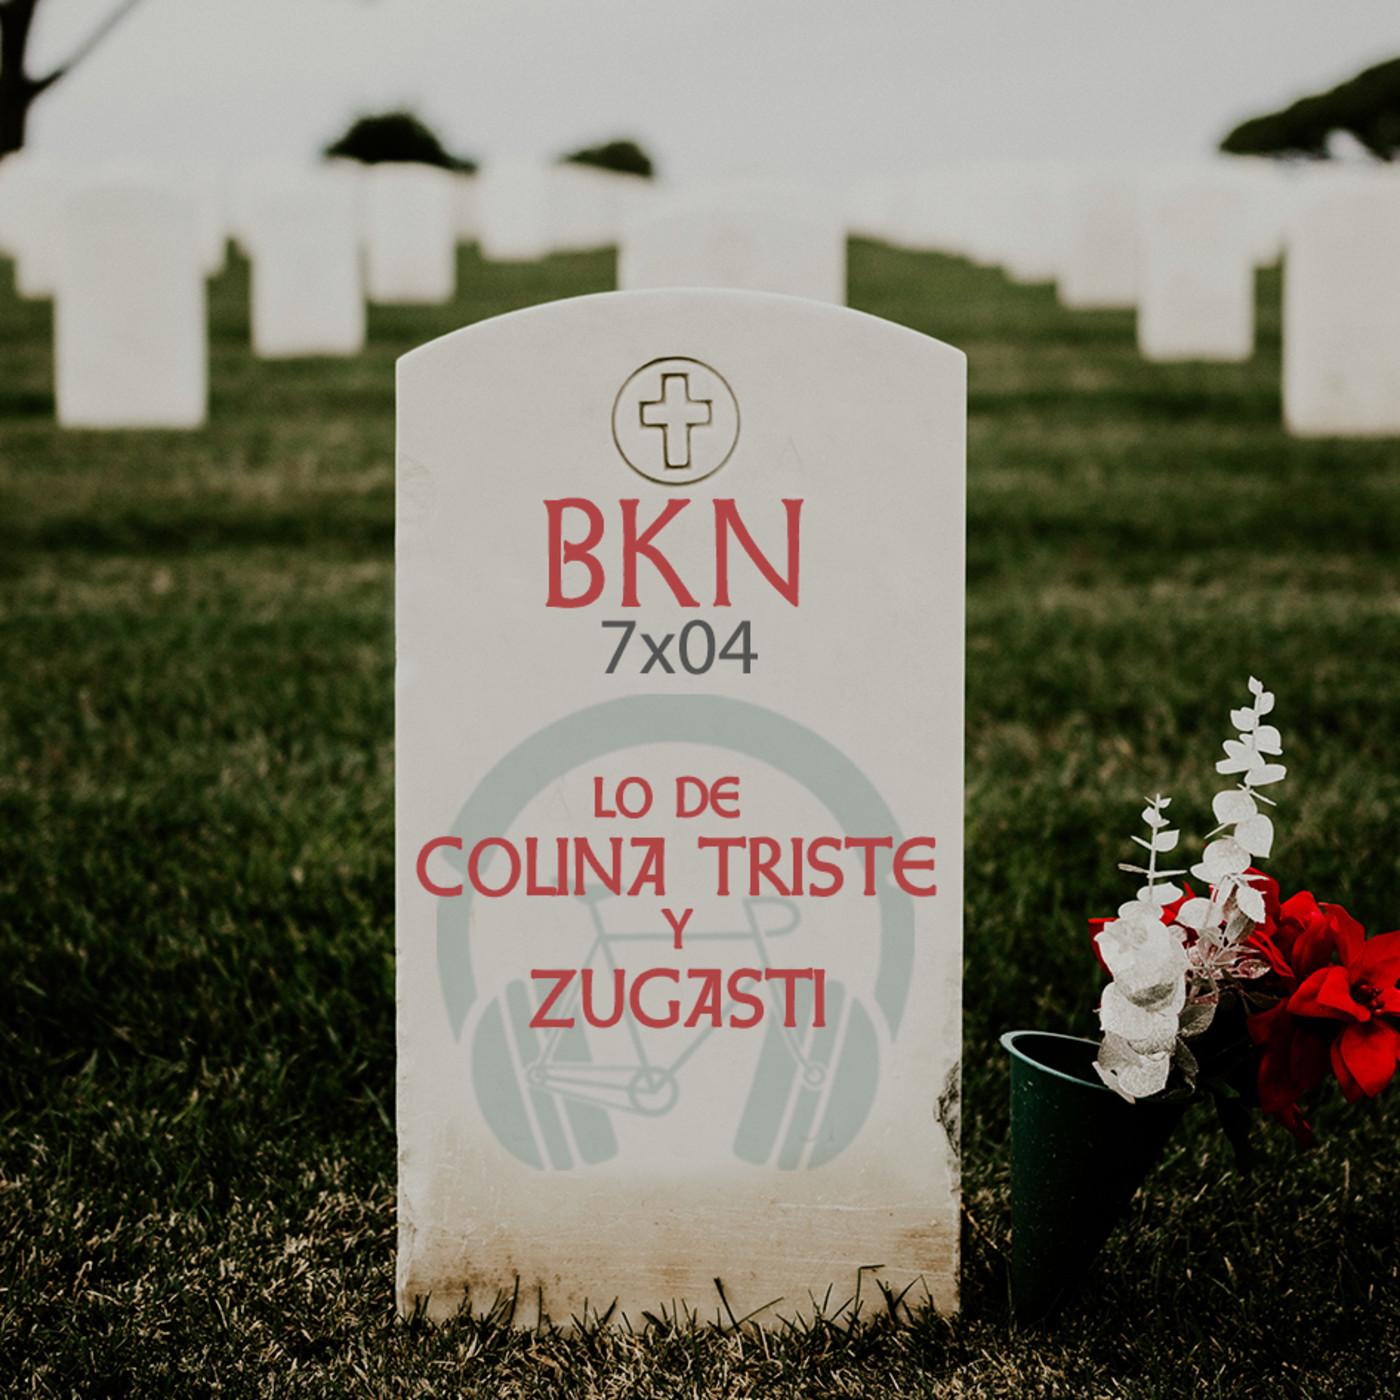 BKN 7X04 Lo de Colina Triste, Zugasti, gatitos y Dark